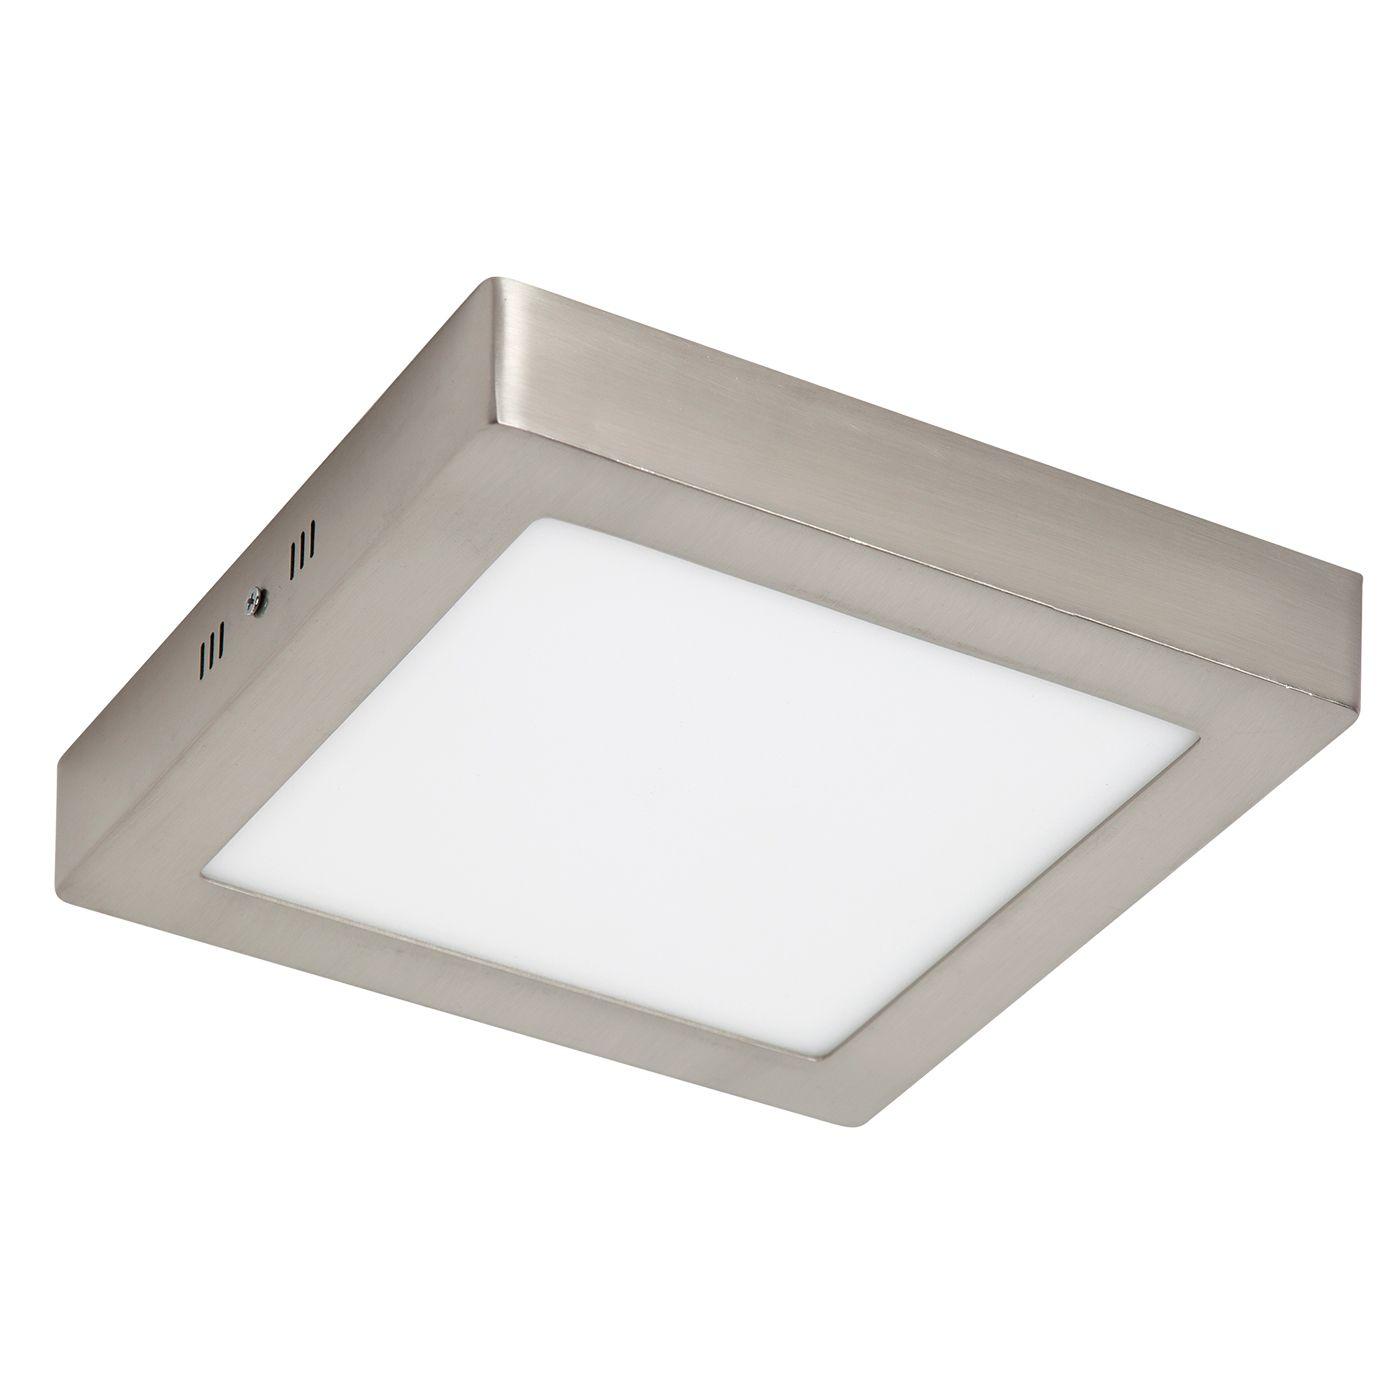 Plafón LED estilo clásico para techo PLURIEL SULION ...